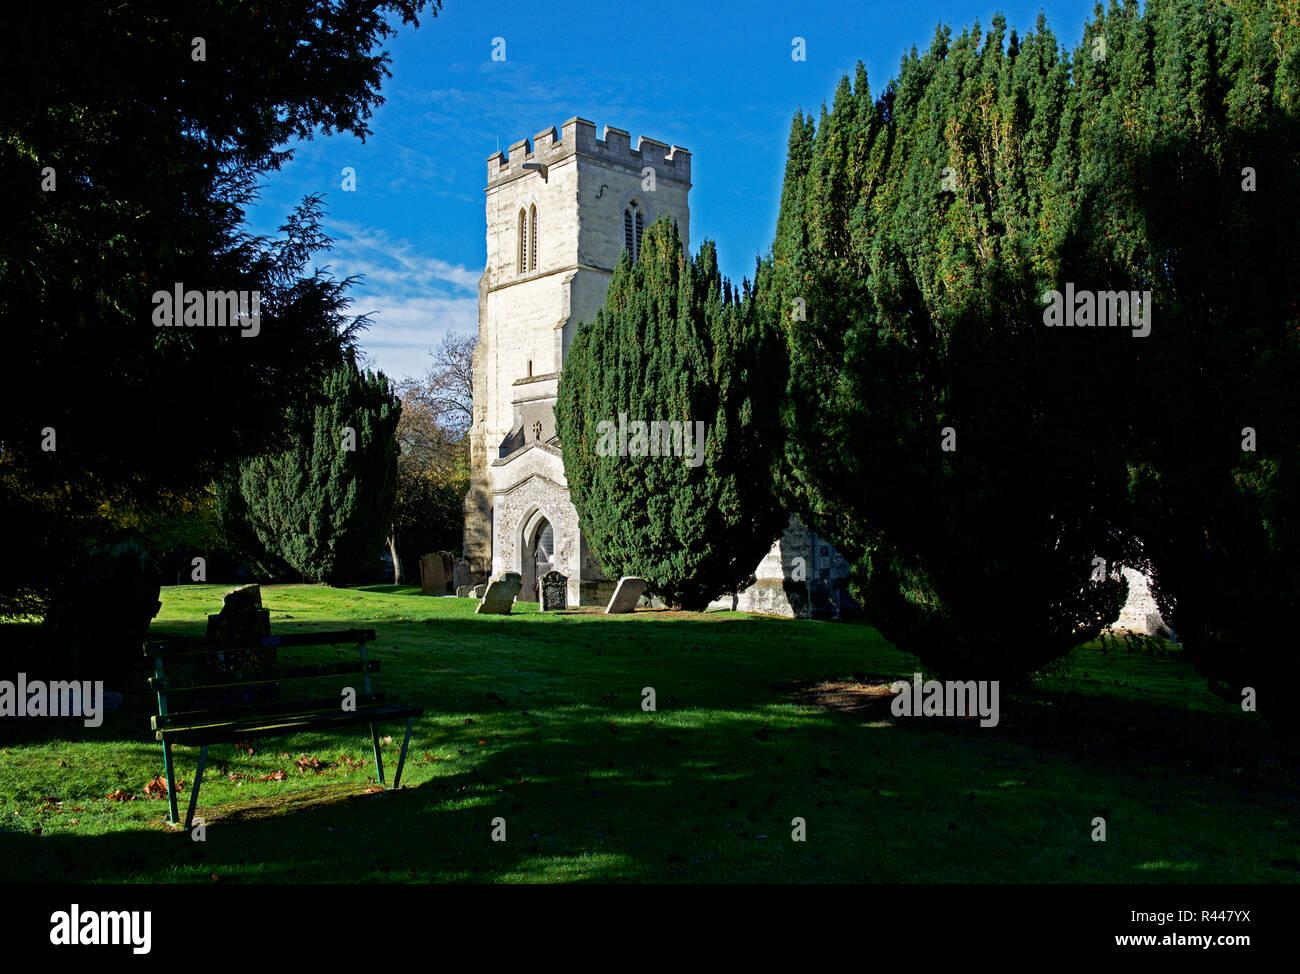 St Mary's Church, Pitstone, Buckinghamshire, England UK - Stock Image